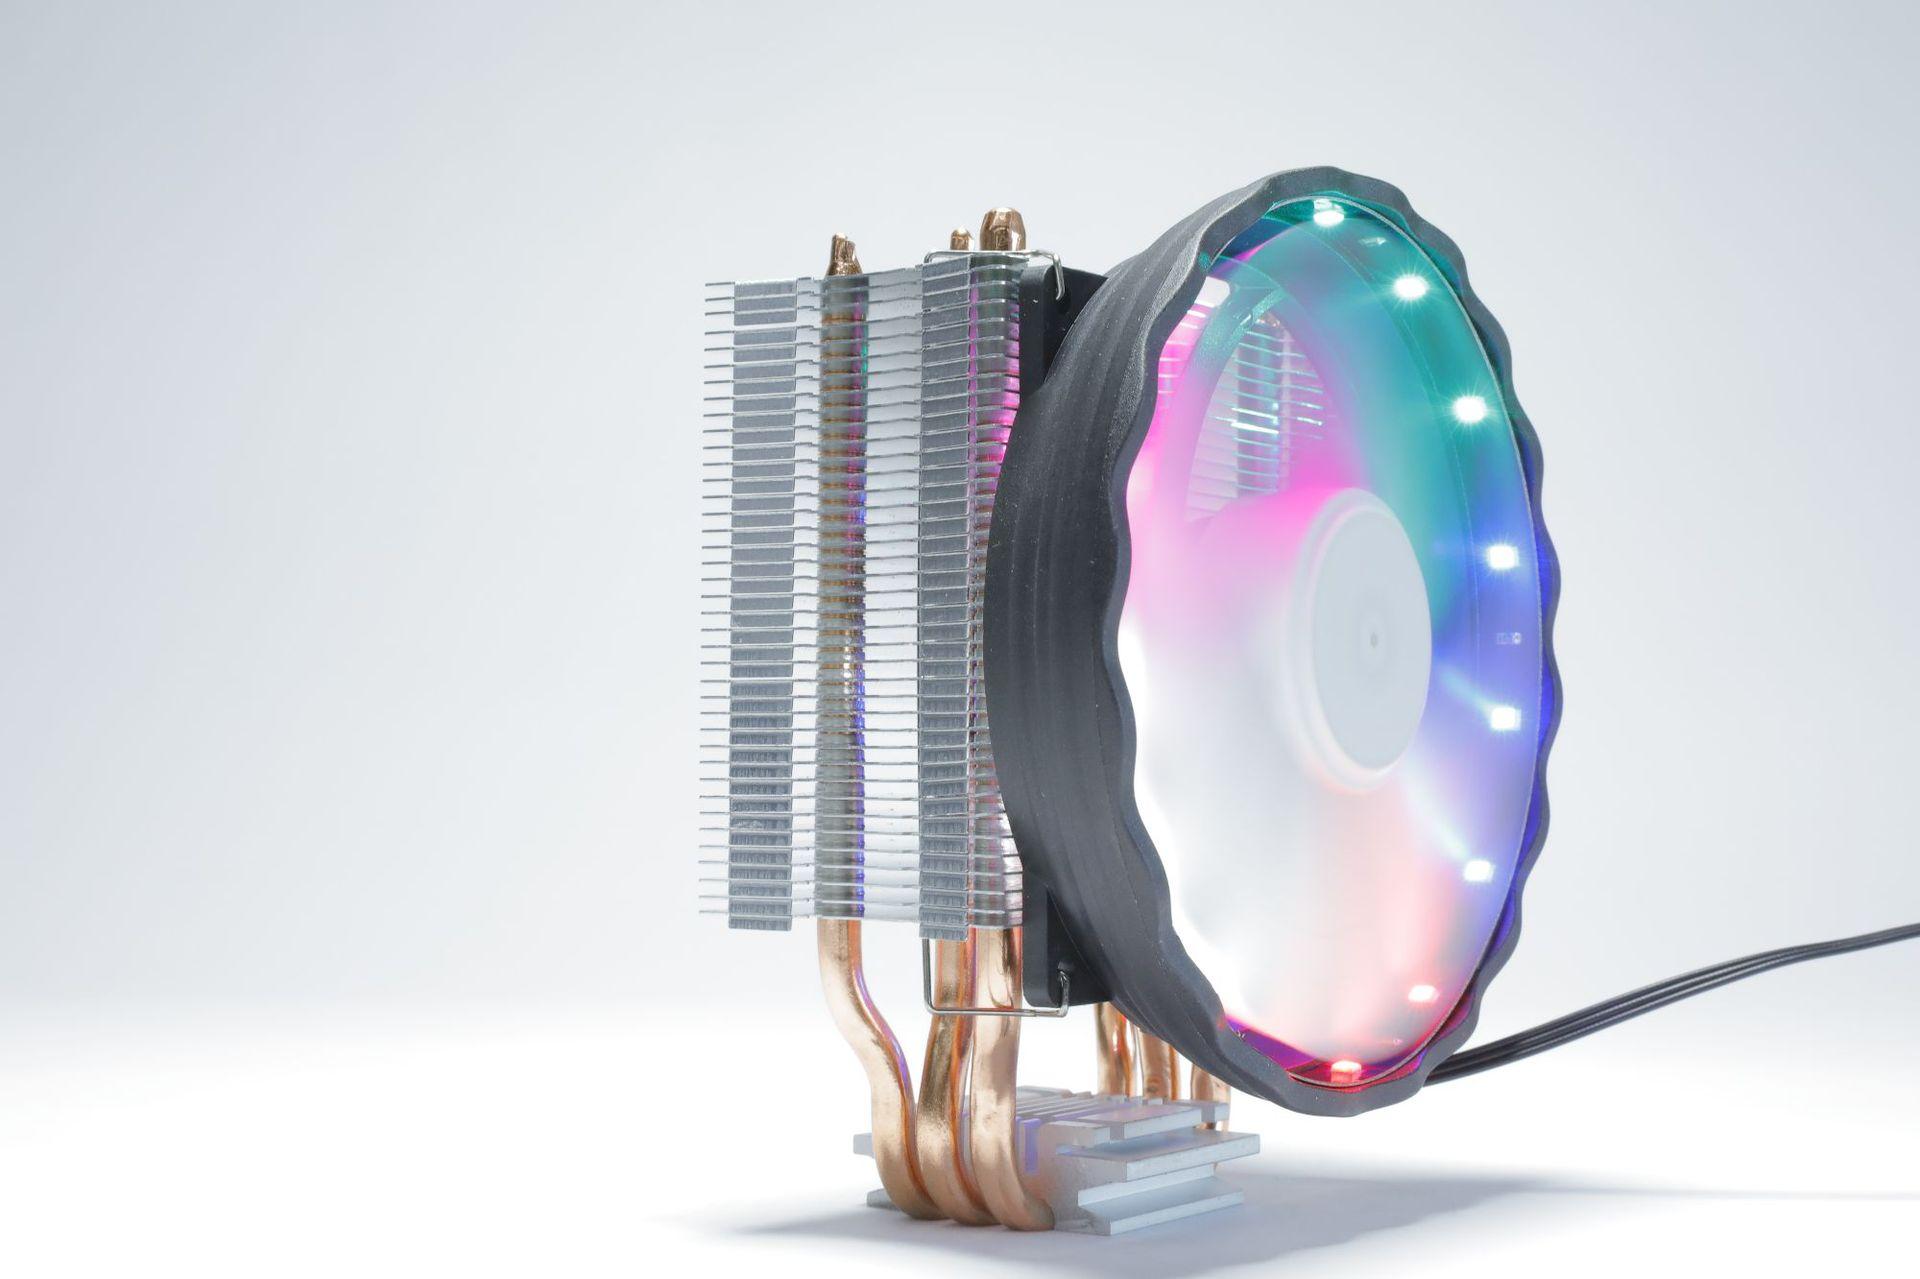 Mute cooler 3 heat pipe cpu radiator desktop computer cup fan mute 1366 AMDcpu fan 7751155